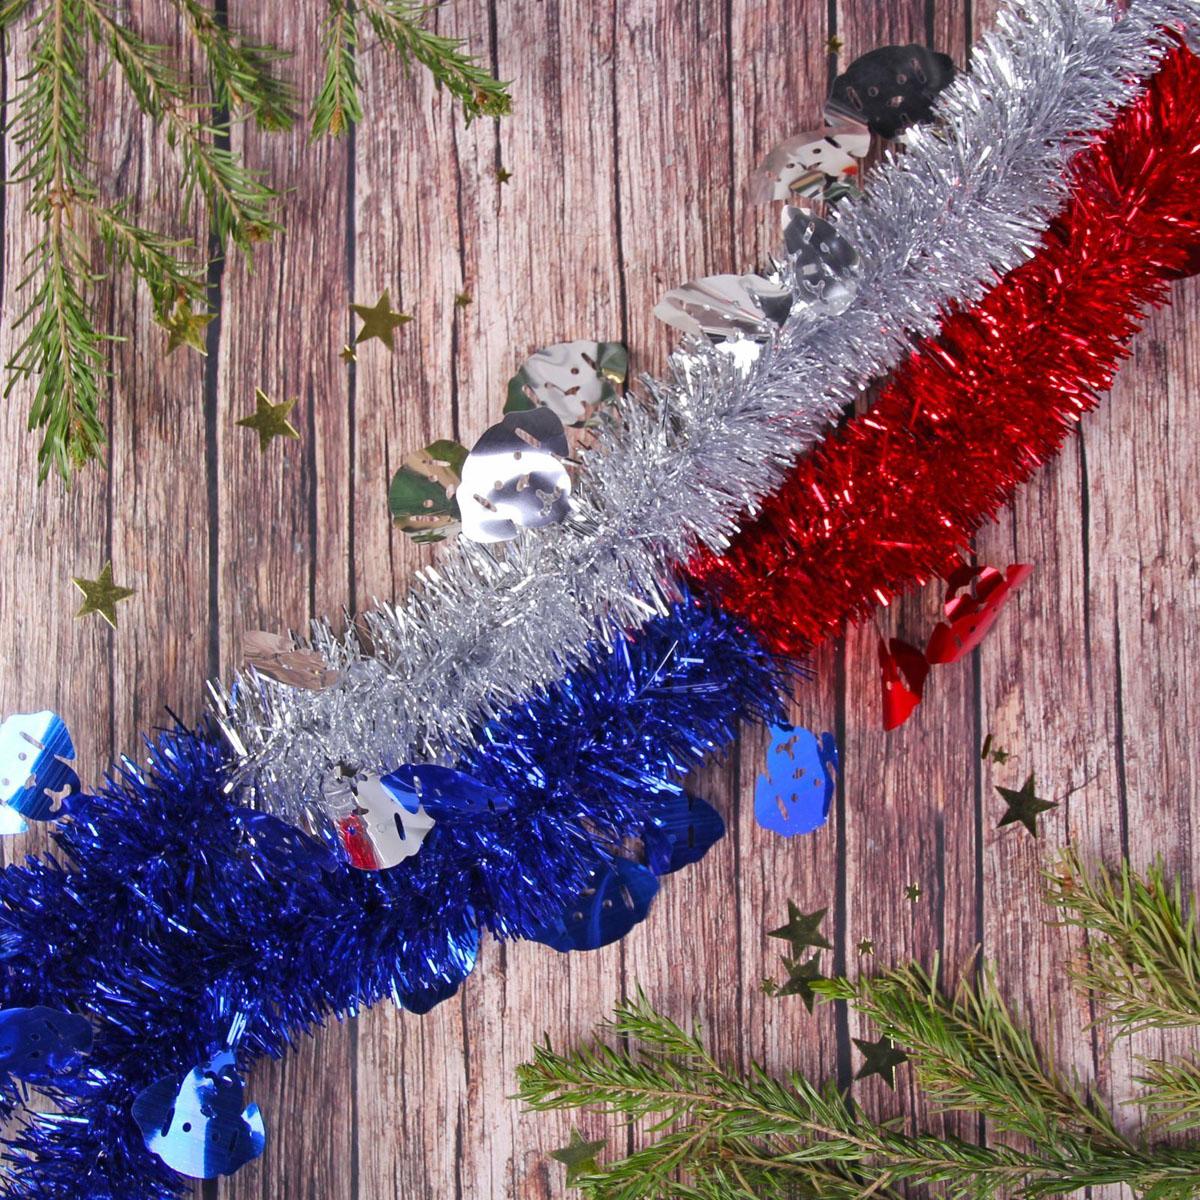 Мишура новогодняя Sima-land Собачка, цвет: белый, диаметр 5 см, длина 2 м. 23176472317647Невозможно представить нашу жизнь без праздников! Мы всегда ждем их и предвкушаем, обдумываем, как проведем памятный день, тщательно выбираем подарки и аксессуары, ведь именно они создают и поддерживают торжественный настрой.